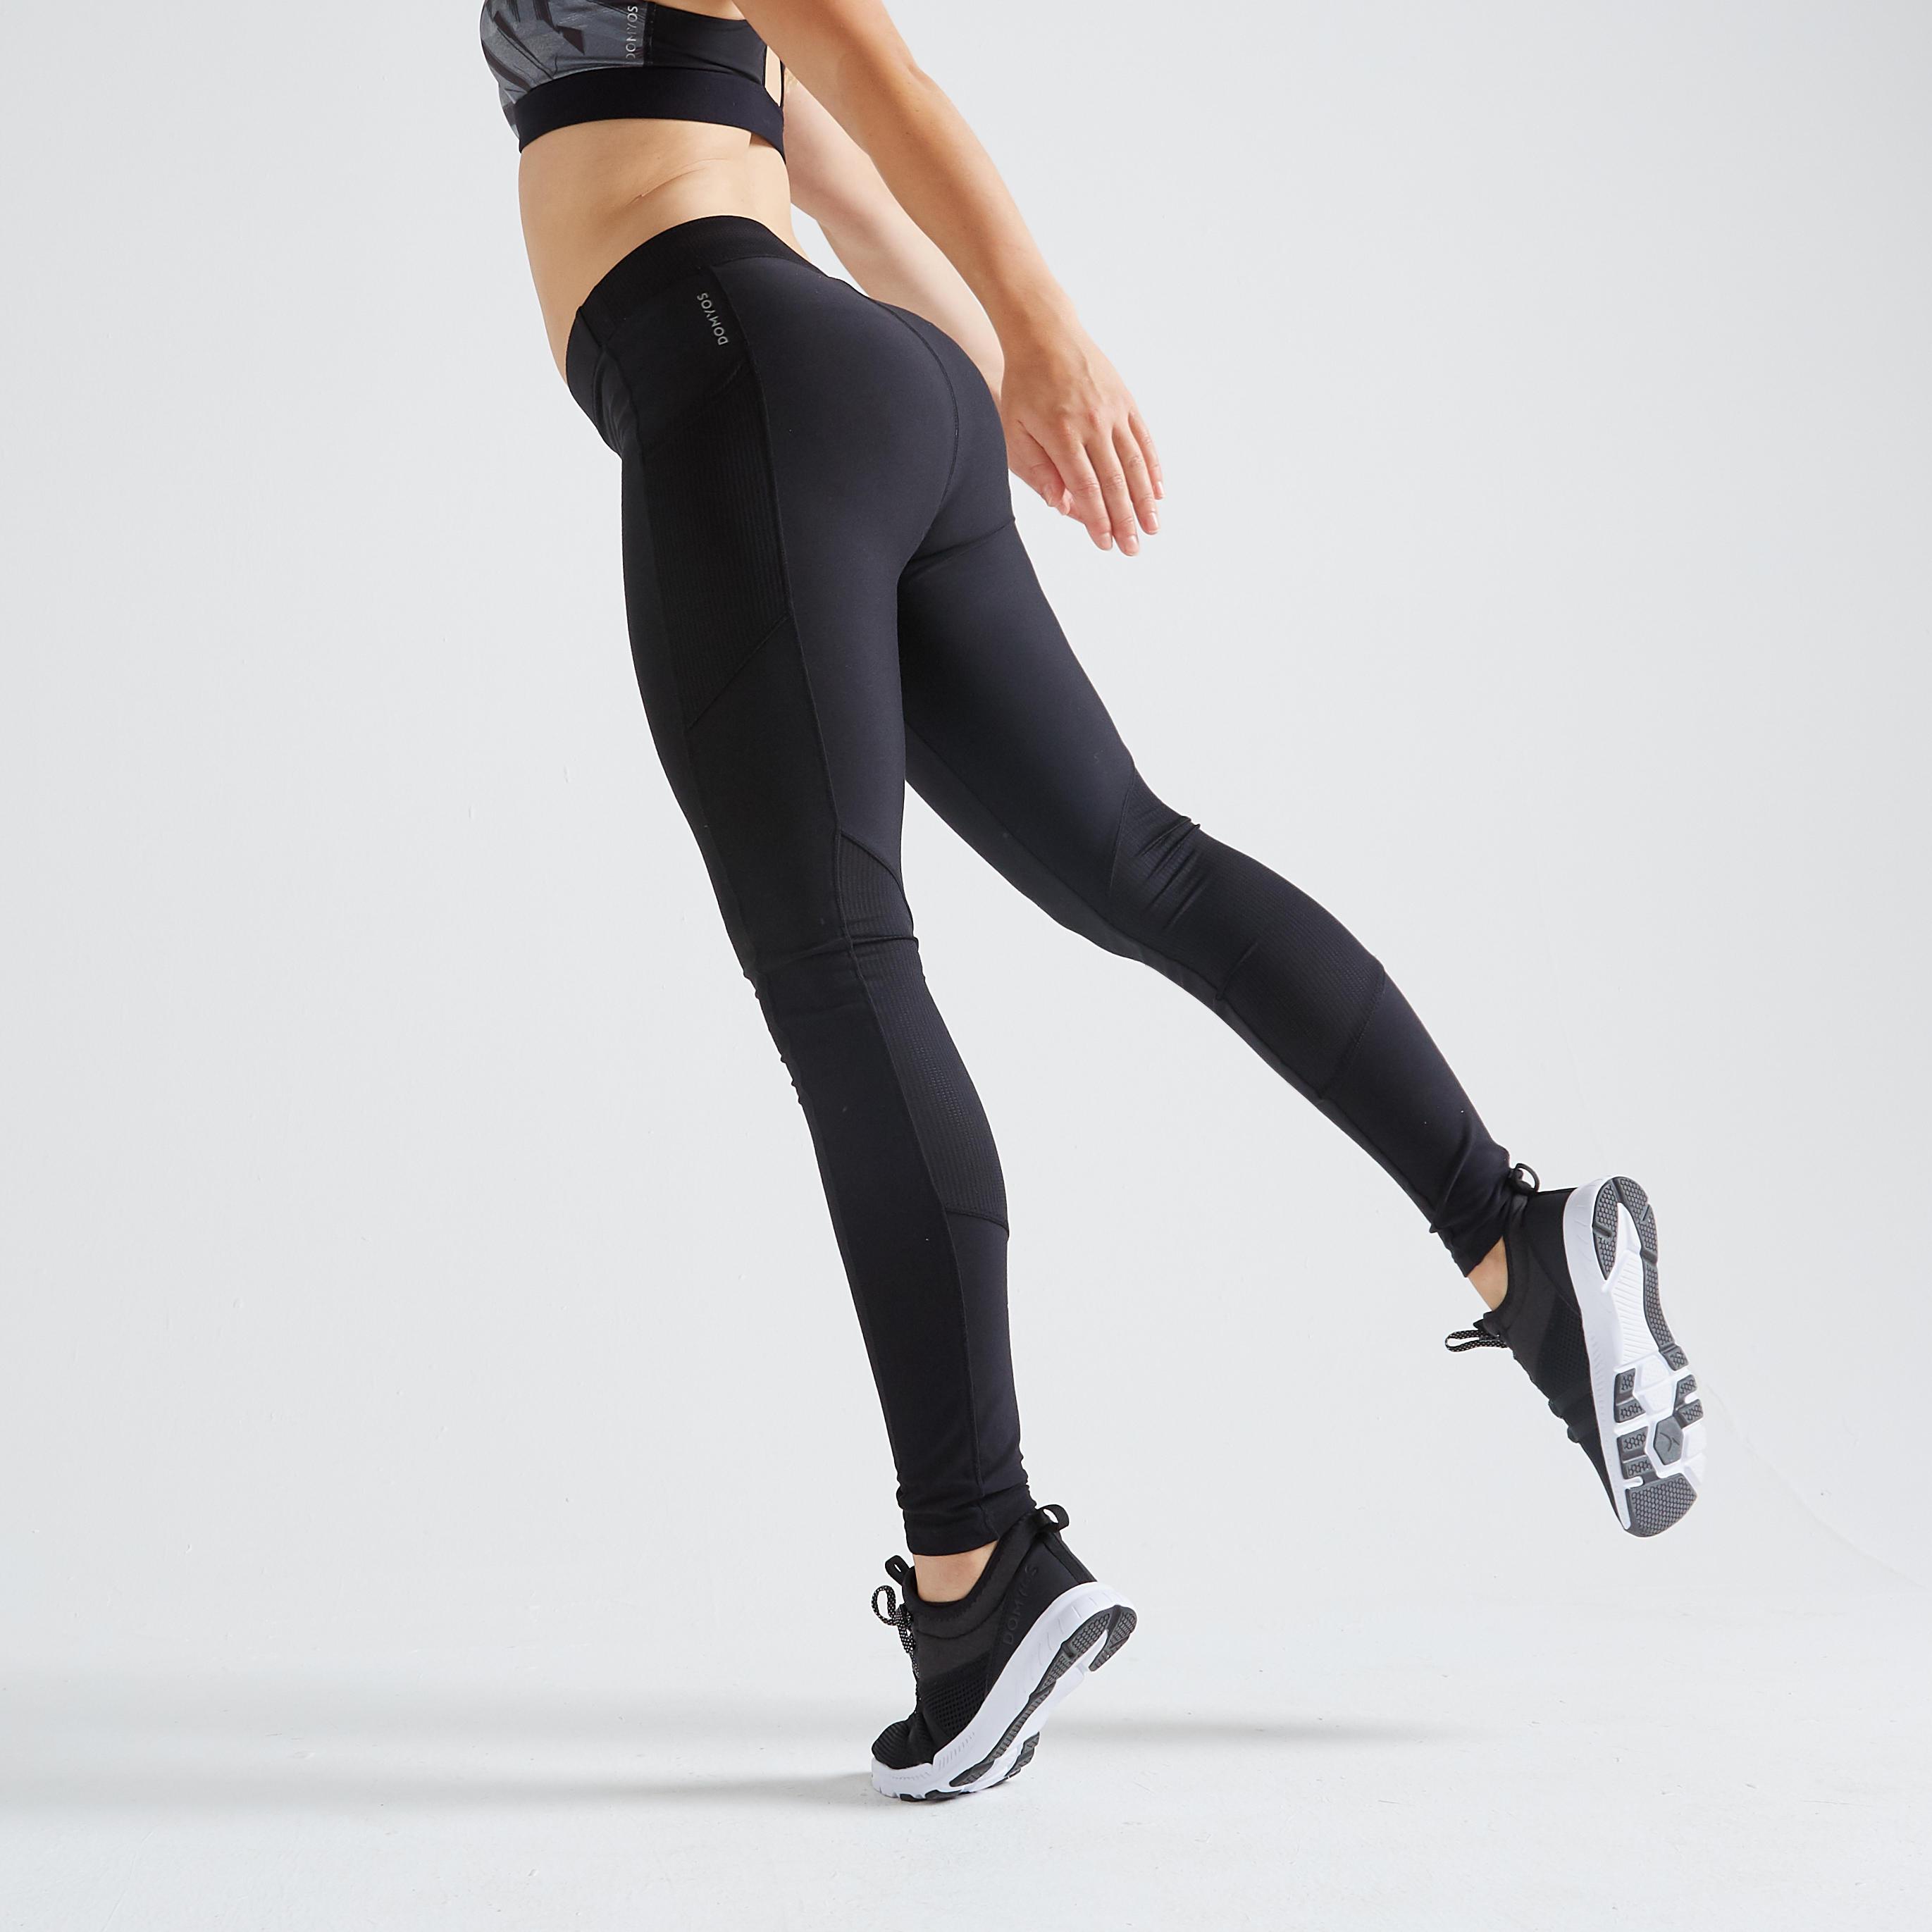 Domyos Fitness legging 120 voor cardiotraining dames zwart